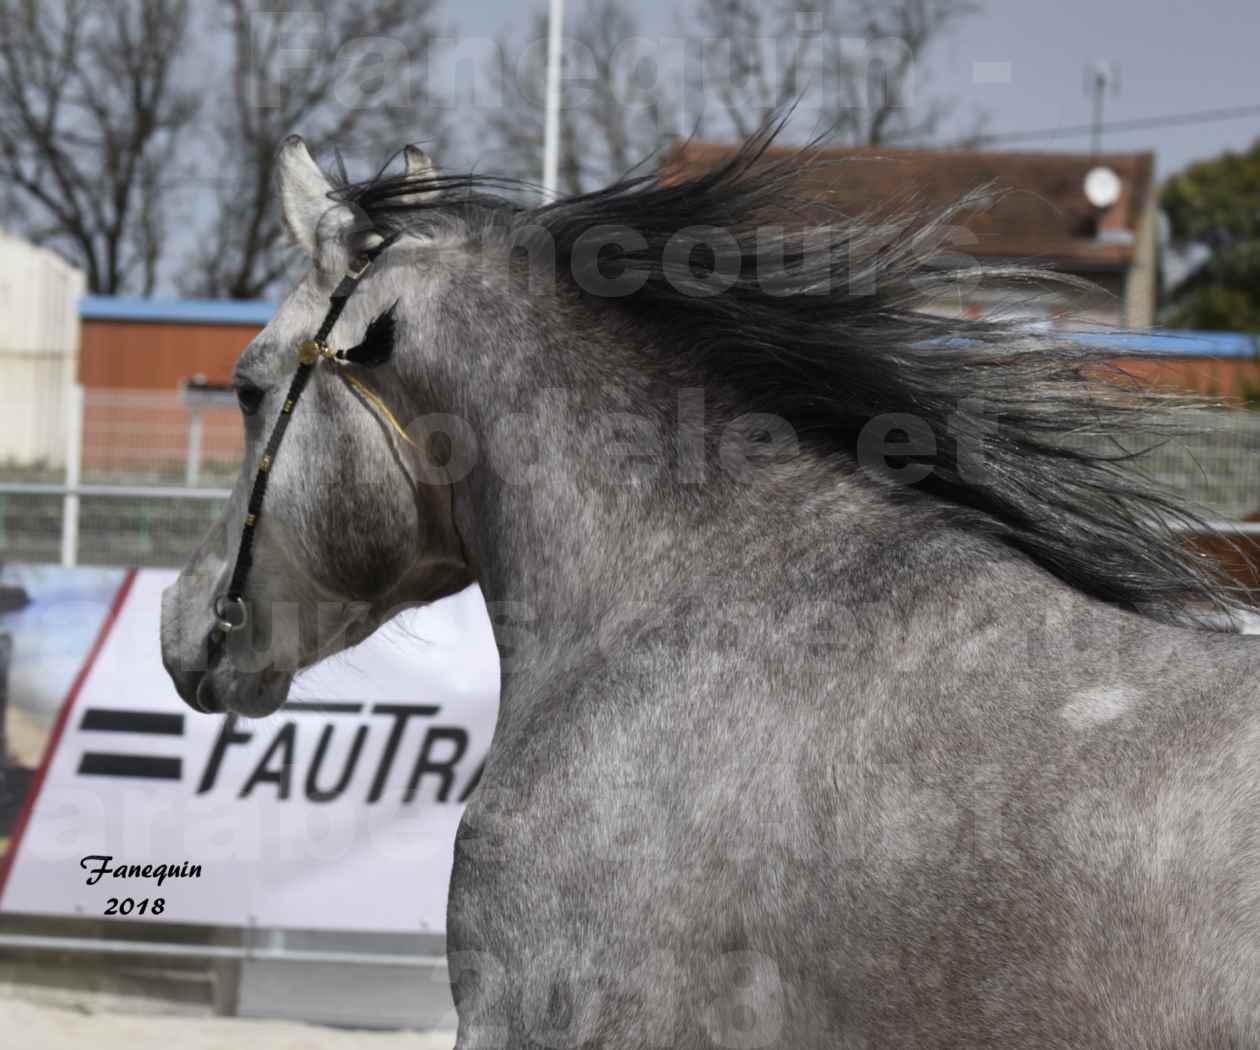 Concours d'élevage de Chevaux Arabes - Demi Sang Arabes - Anglo Arabes - ALBI les 6 & 7 Avril 2018 - FLORAC LARZAC - Notre Sélection - Portraits - 3